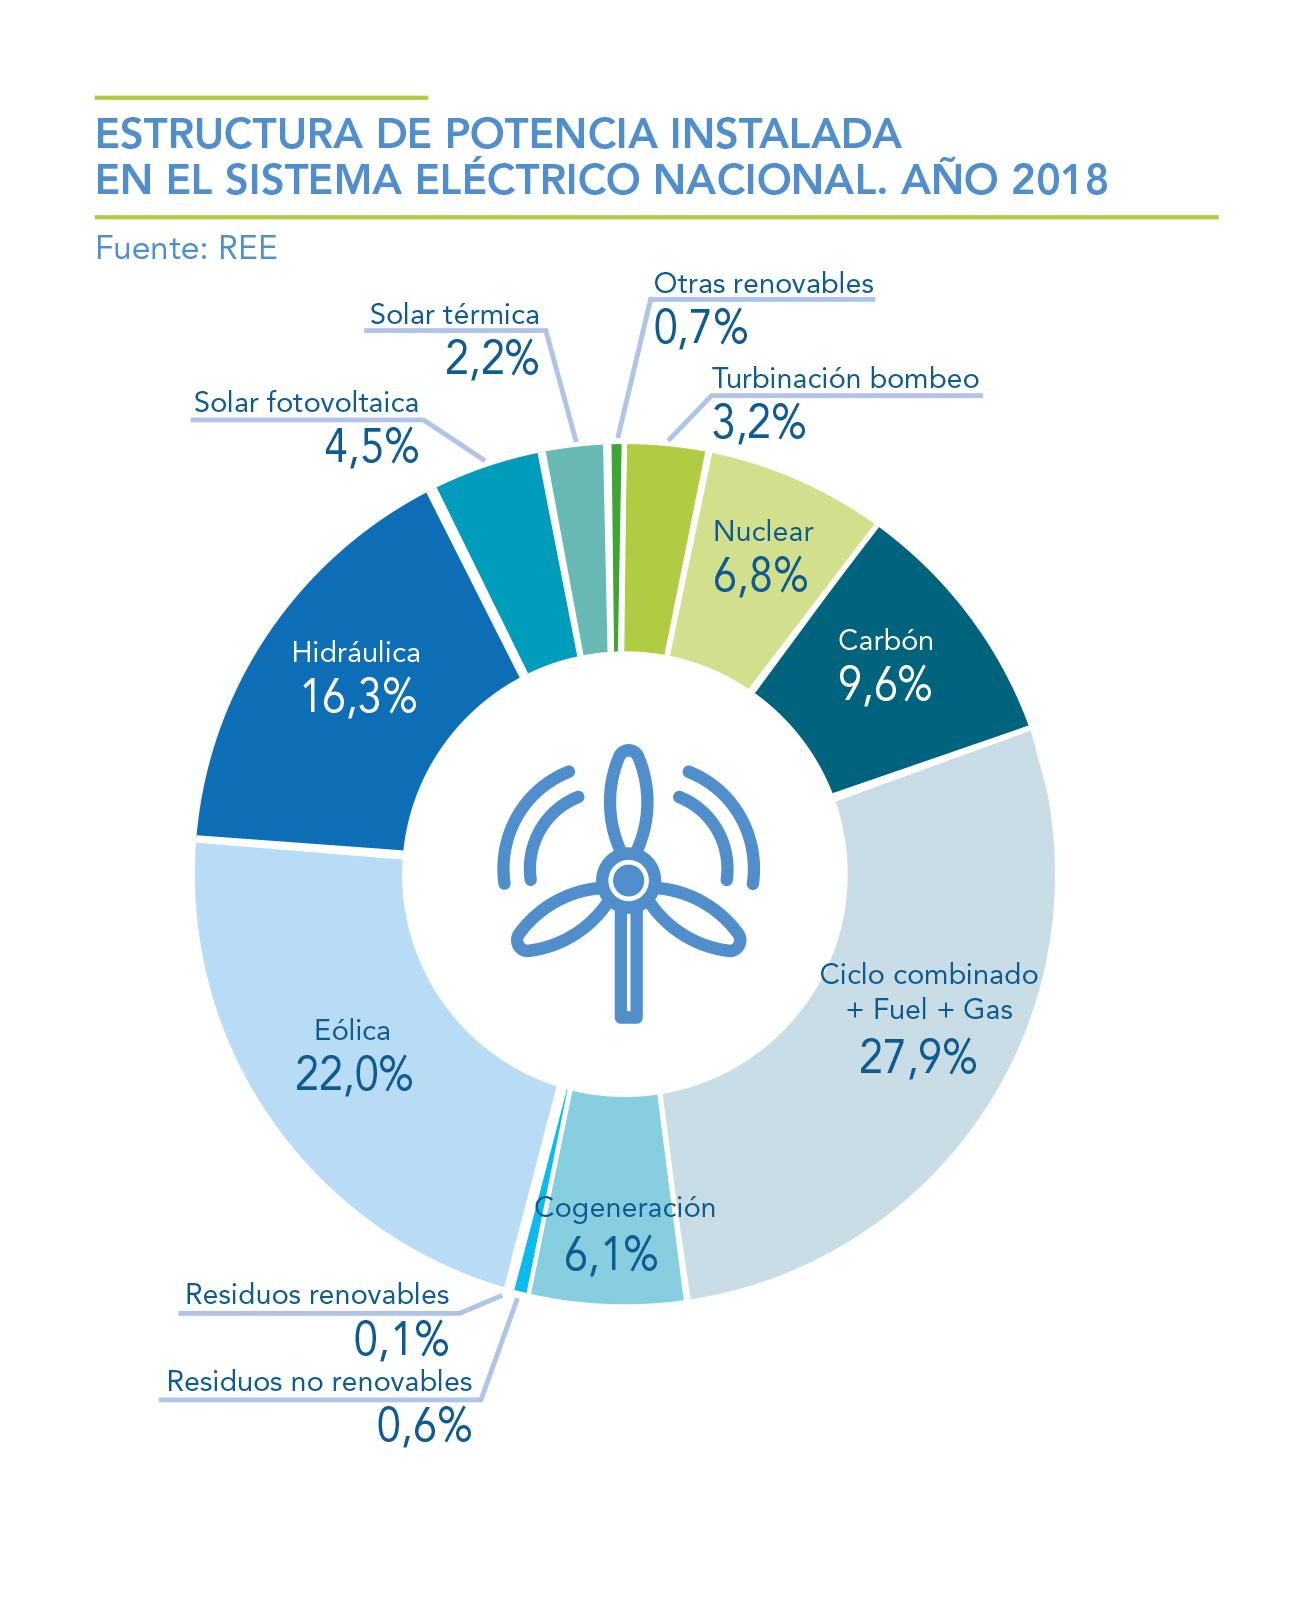 ESTRUCTURA-DE-POTENCIA-INSTALADA-EN-EL-SISTEMA-ELECTRICO-NACIONAL